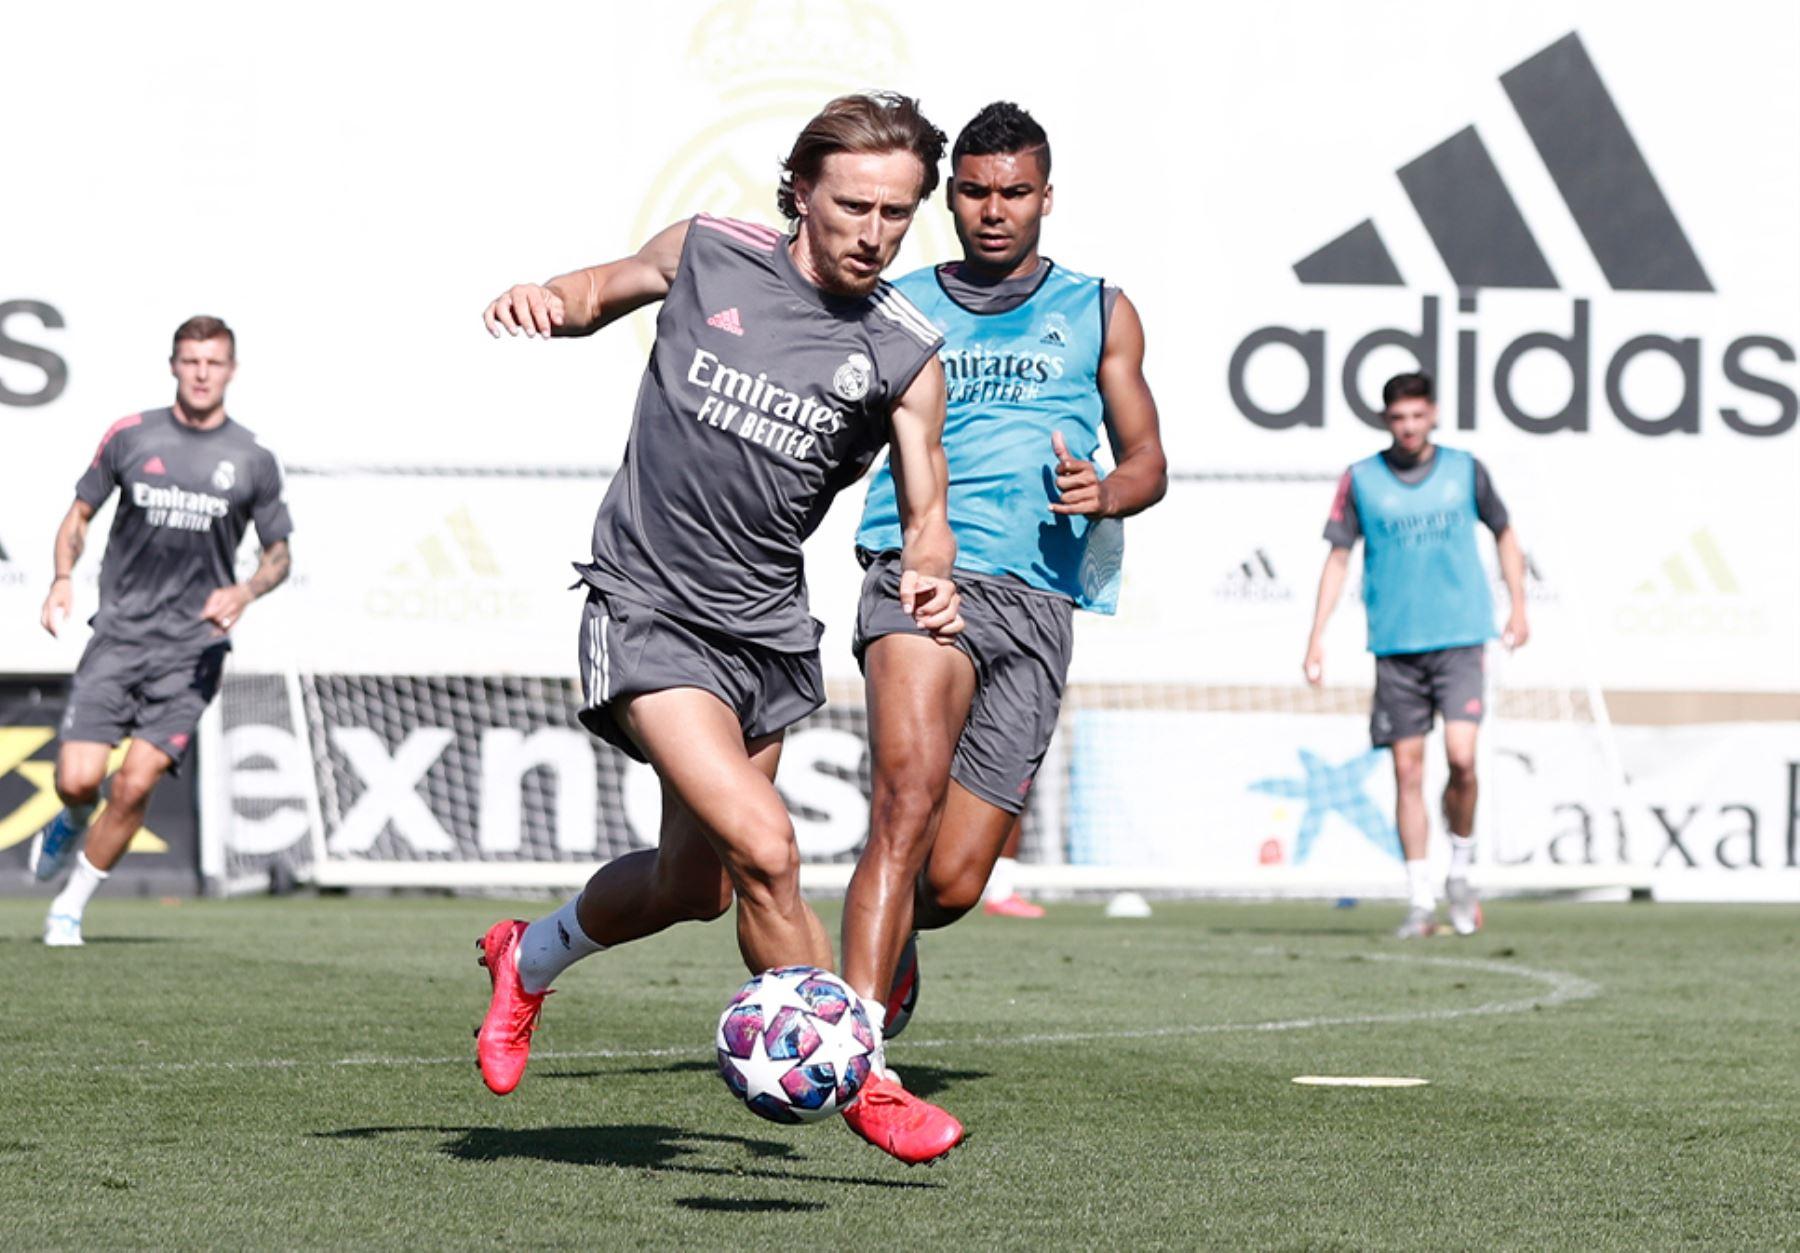 Real Madrid jugará dentro de siete días en Manchester, contra el City, el partido de vuelta de los octavos de final.